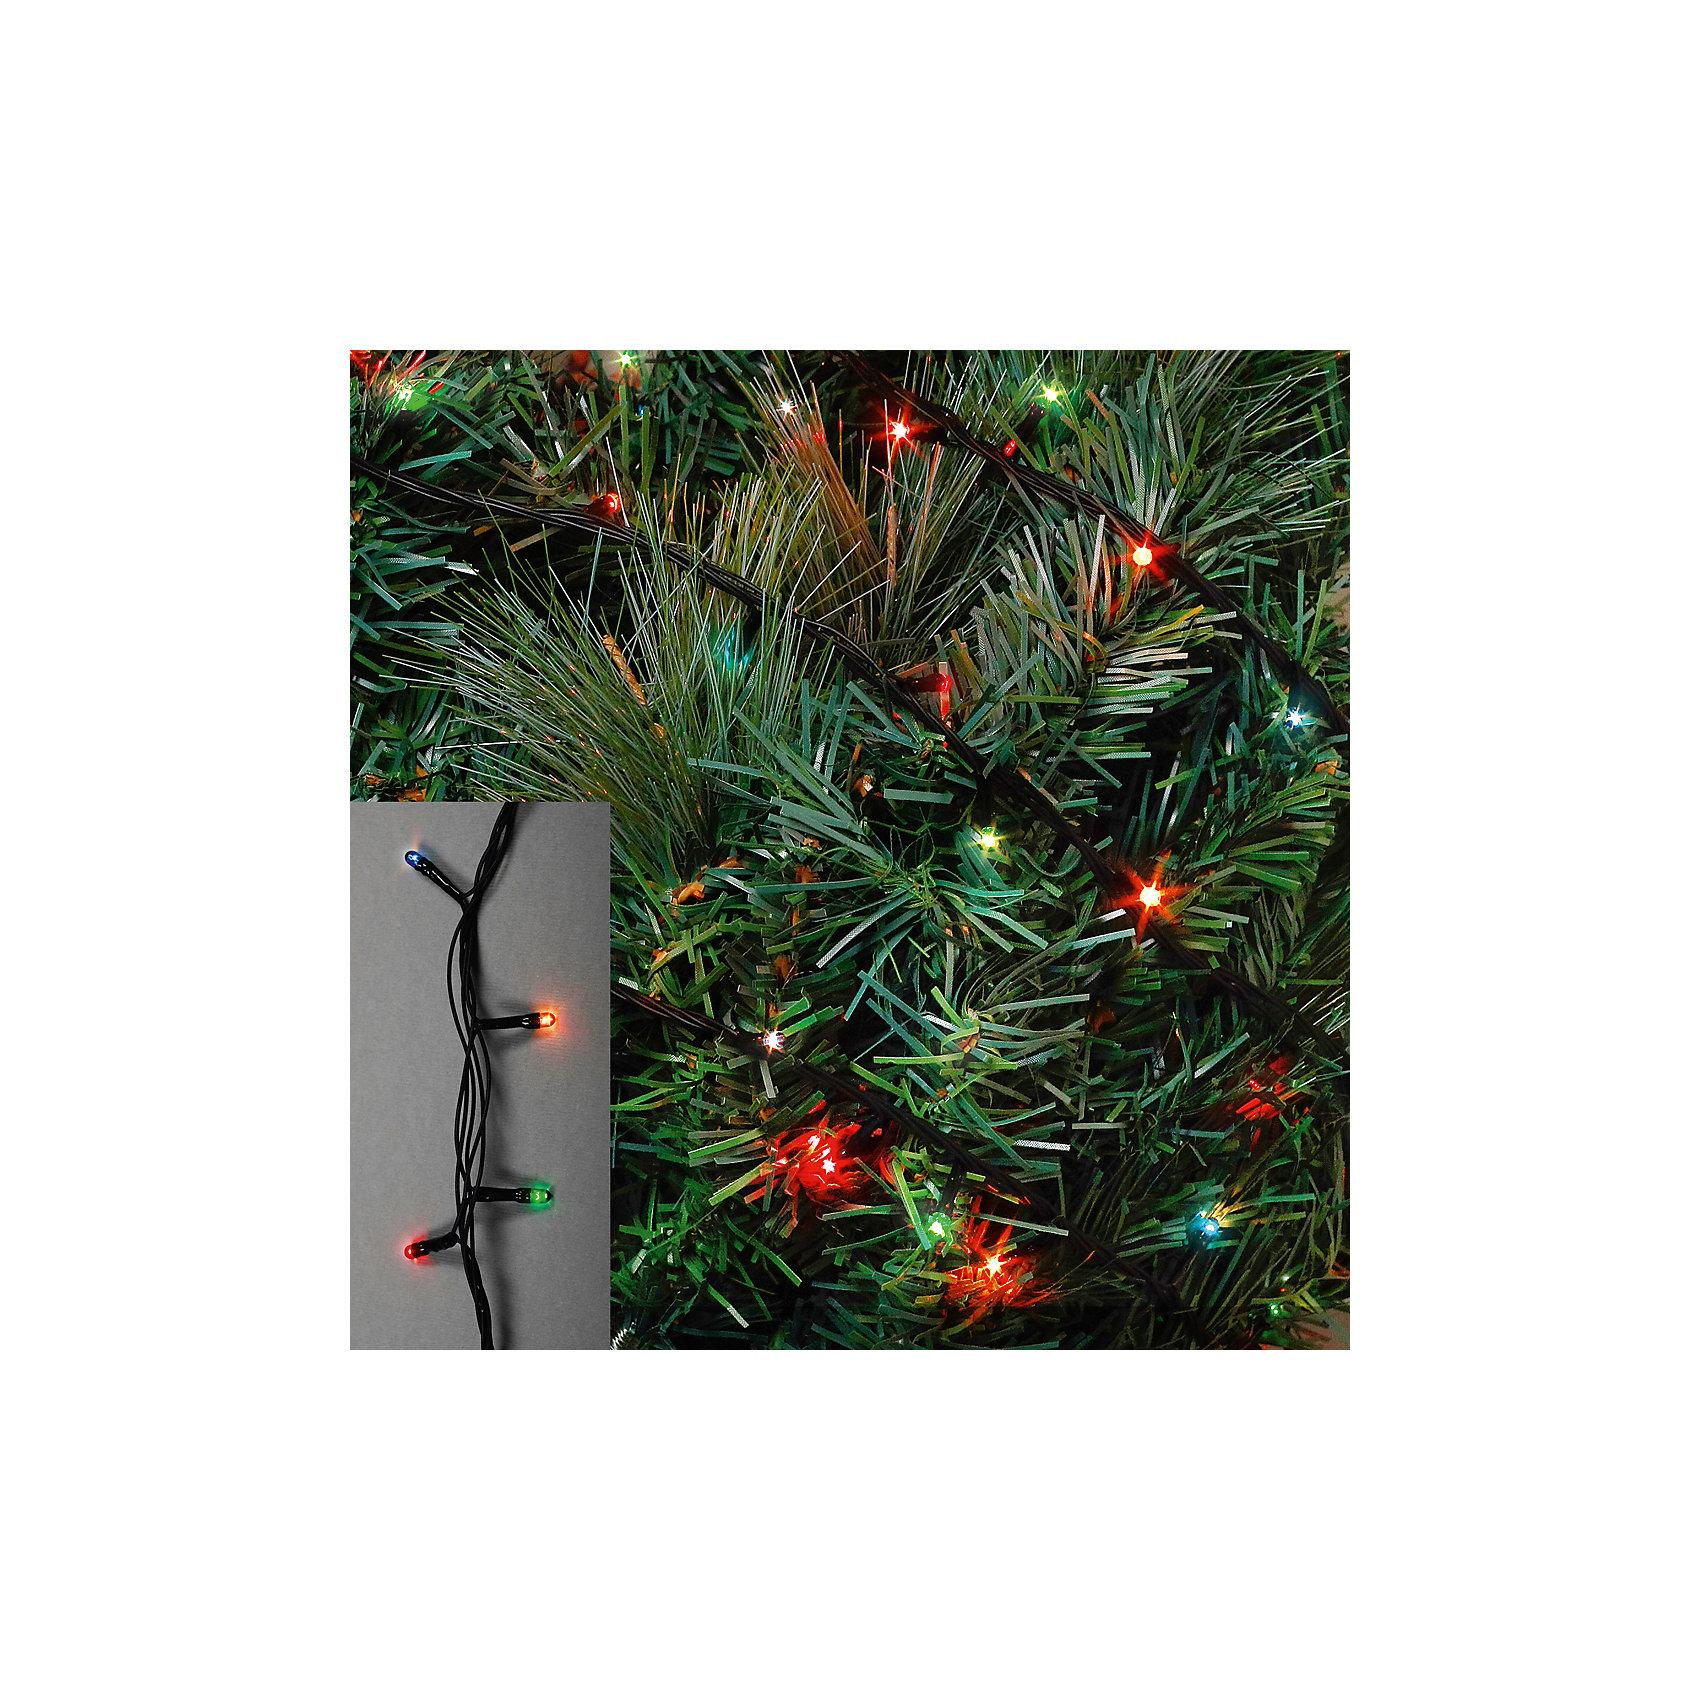 Электрогирлянда, 140 лампочек (10 Вт, 220В) 4мУ новогодней атмосферы есть несколько незаменимых и классических атрибутов. Это: ёлка, снег, игрушки, подарки и, конечно, новогодние гирлянды. Важно подобрать идеальный вариант для праздника. У данной модели электрогирлянды каждая лампочка излучает яркий и сочный цвет, создающий праздничную обстановку. Количество лампочек и длину гирлянды можно выбрать каждому на свой вкус. Материалы, использованные при изготовлении товара, абсолютно безопасны и отвечают всем международным требованиям по качеству. <br><br>Дополнительные характеристики:<br><br>количество лампочек: 140 шт;<br>длина: 400 см;<br>мощность: 10 Вт;<br>напряжение: 220В.<br><br>Электрогирлянду от компании Феникс Present можно приобрести в нашем магазине.<br><br>Ширина мм: 100<br>Глубина мм: 100<br>Высота мм: 60<br>Вес г: 87<br>Возраст от месяцев: 36<br>Возраст до месяцев: 2147483647<br>Пол: Унисекс<br>Возраст: Детский<br>SKU: 4981617